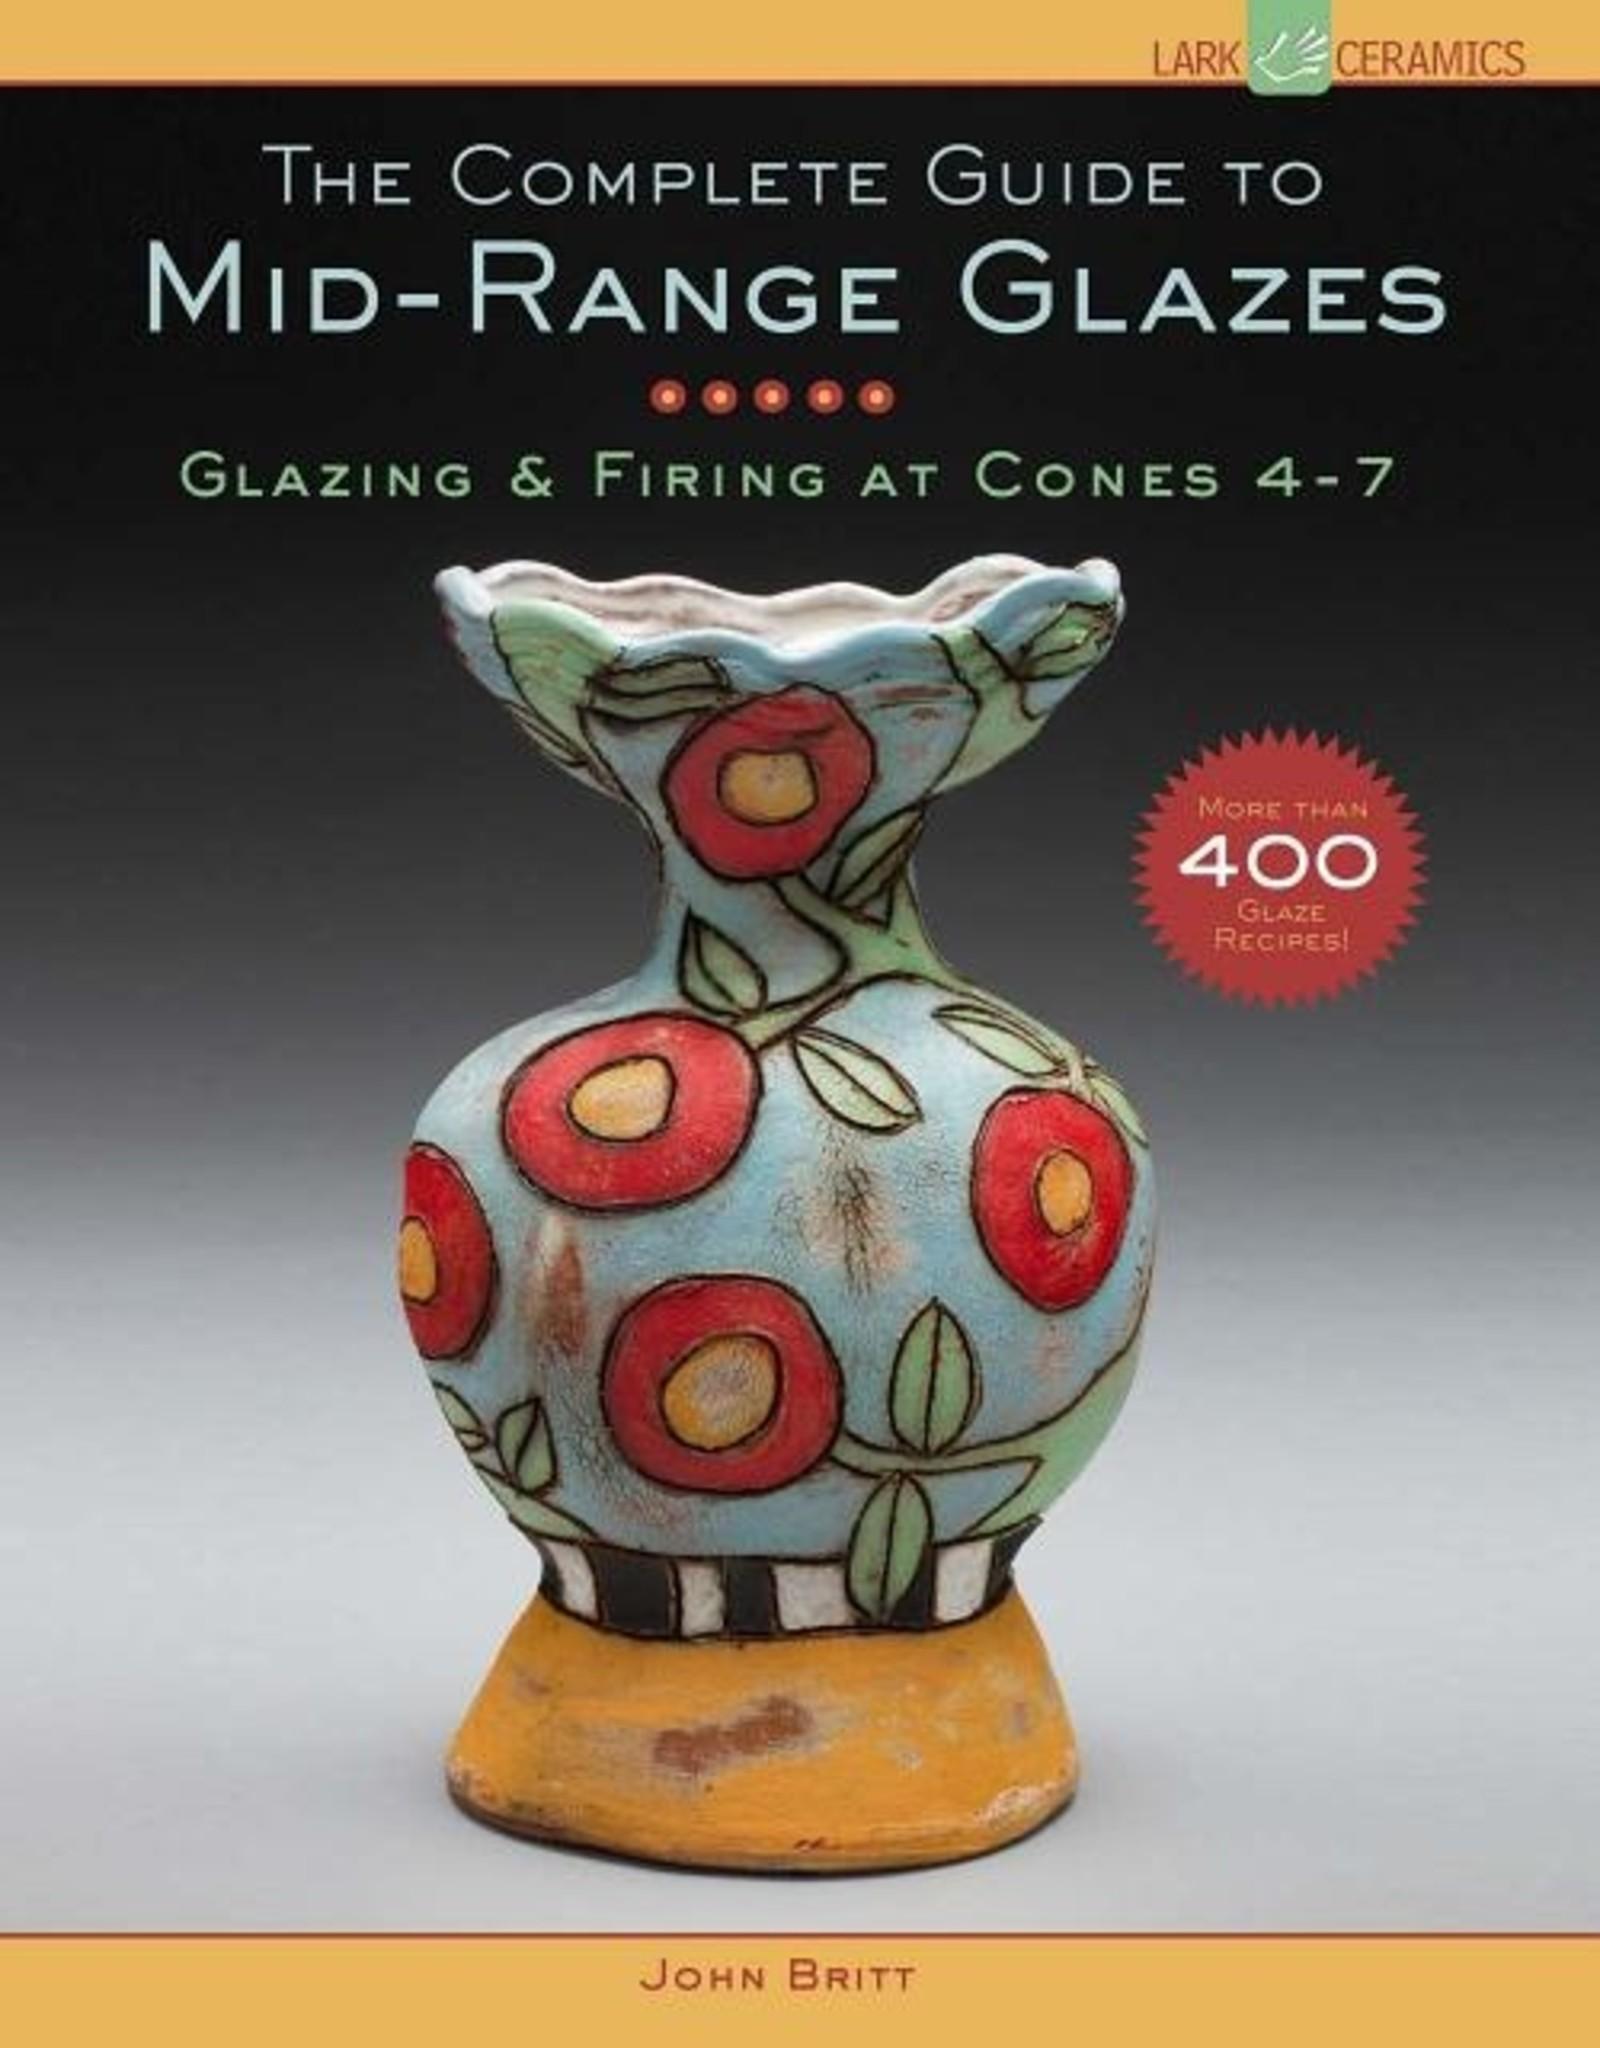 Complete Guide to Mid-Range Glazes / John Britt